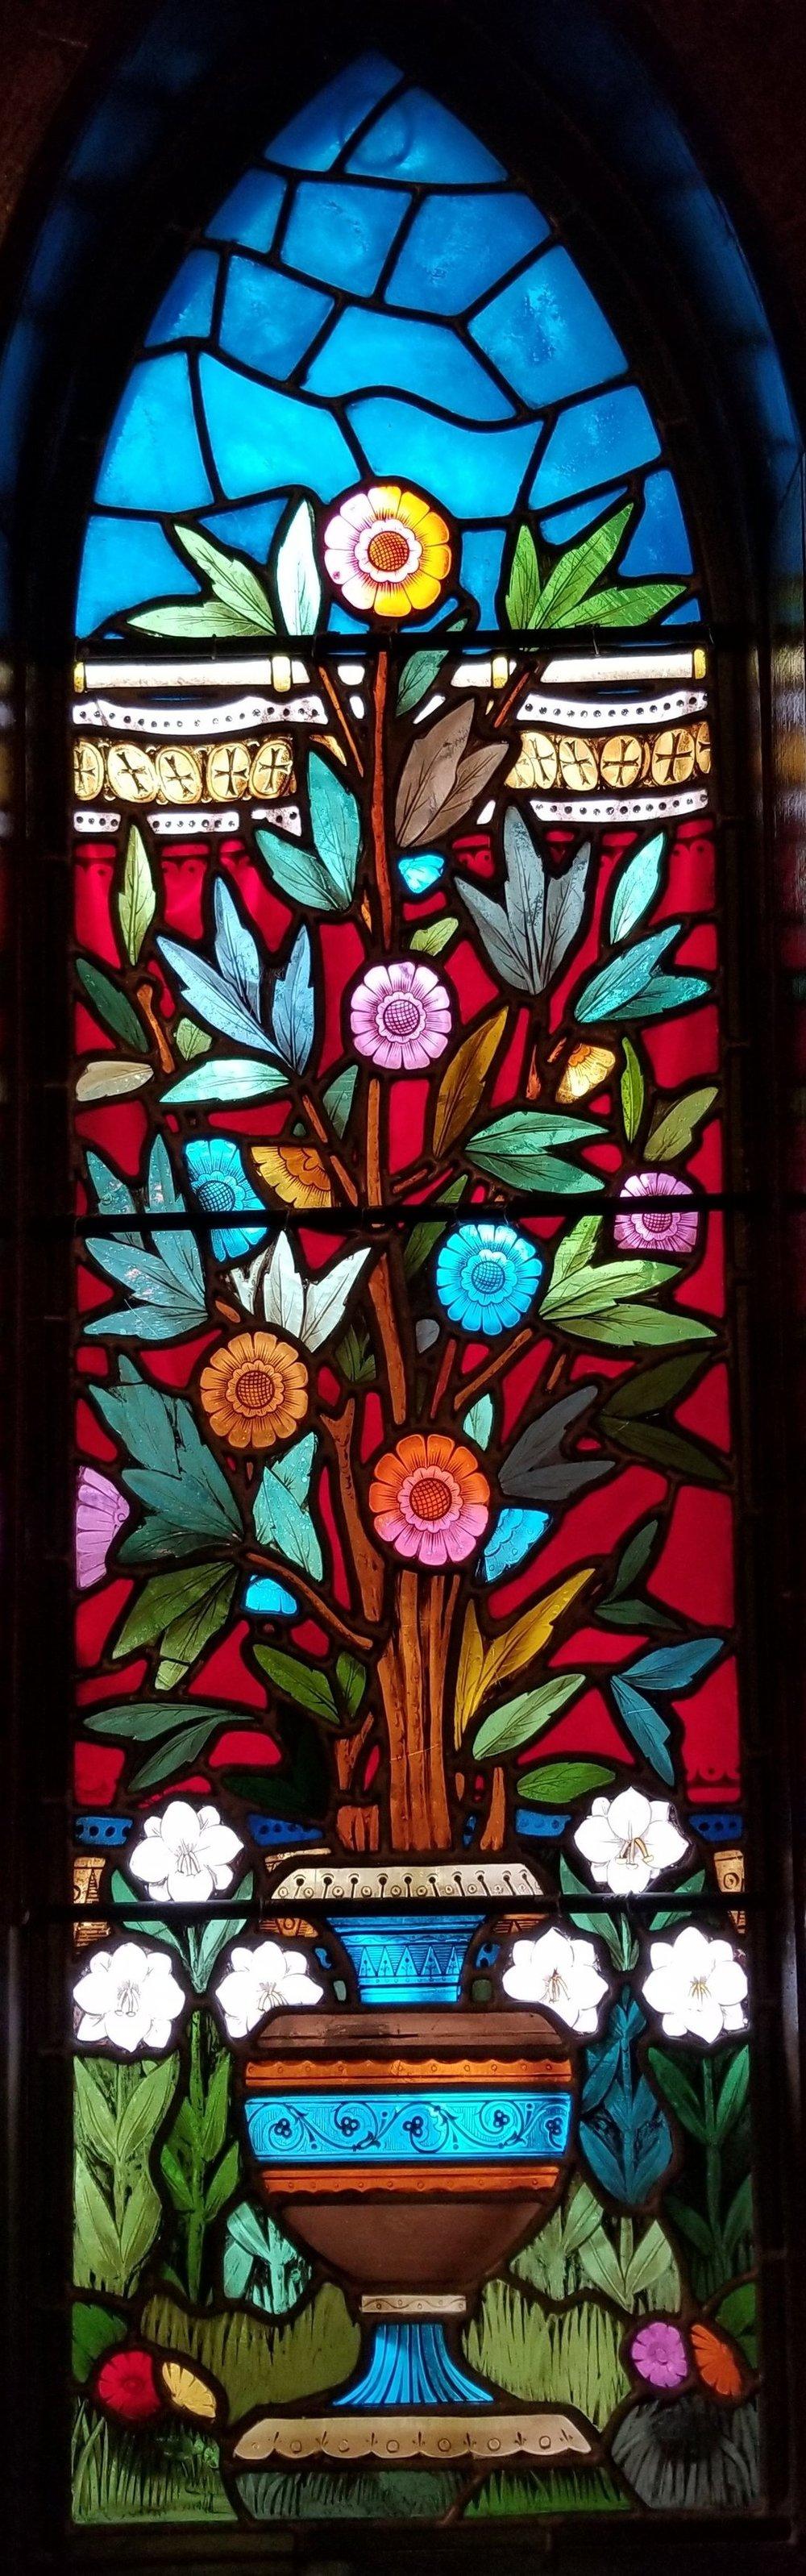 chapelflowers.jpg